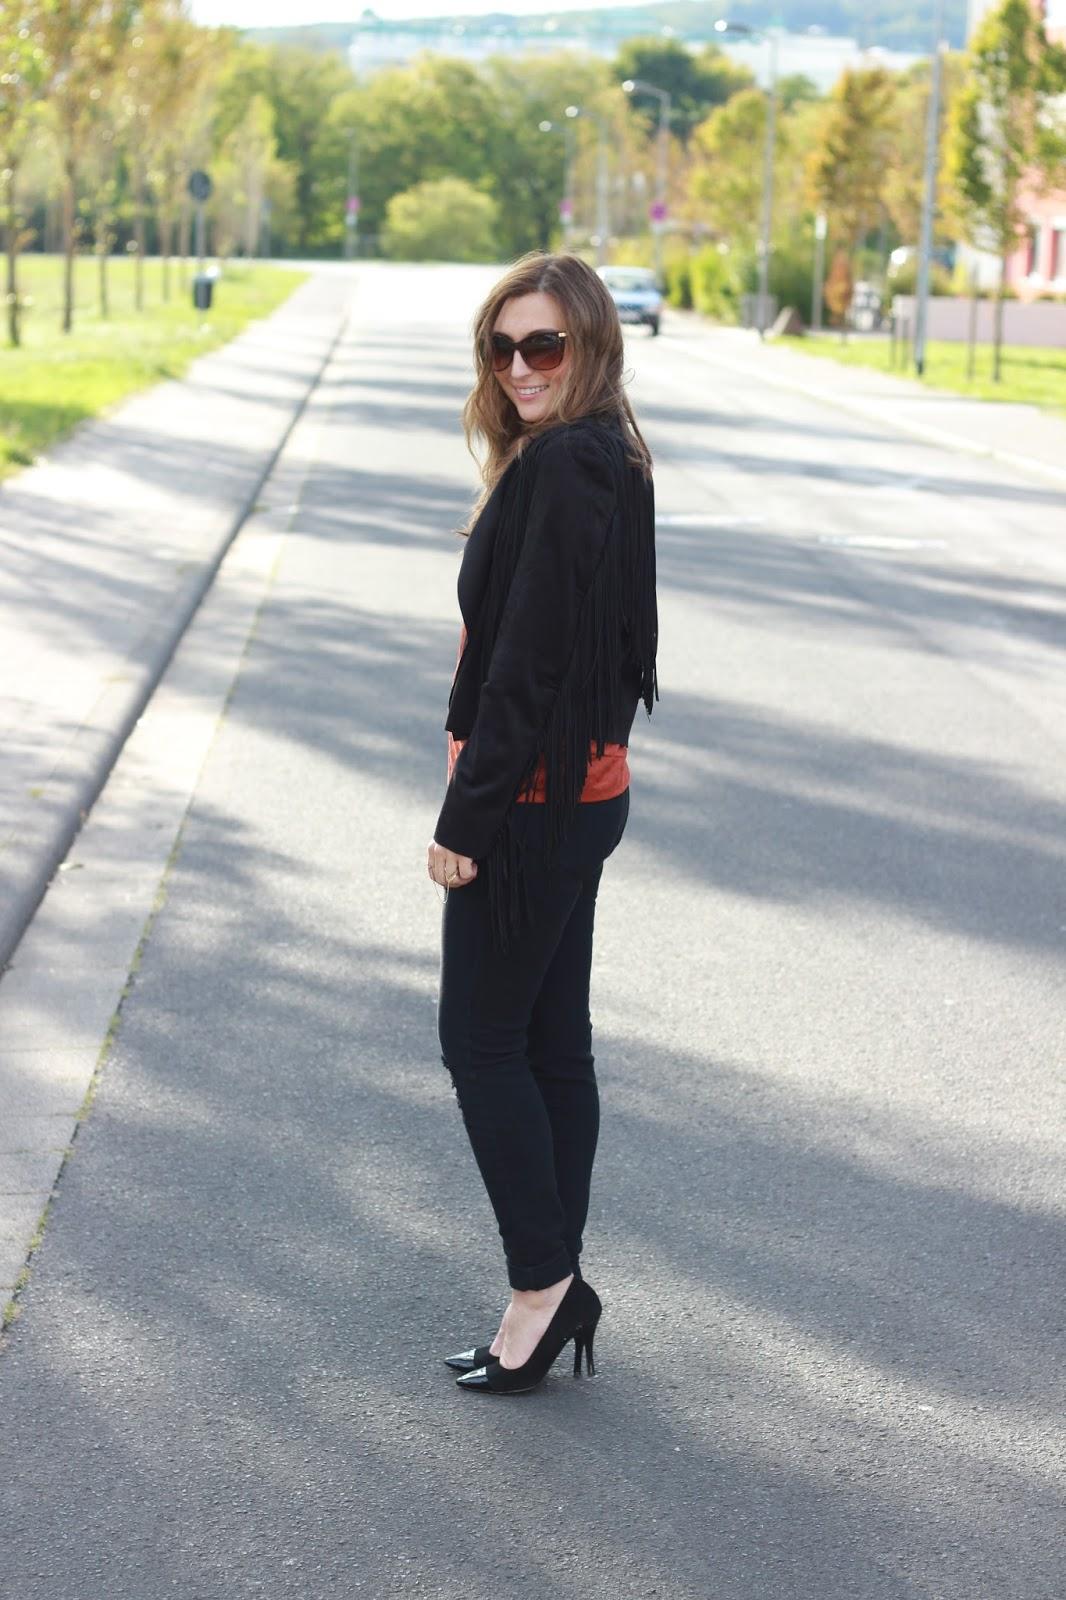 Outfitinspiration - wie trage ich eine Fransenjacke - Fransenjacke kombinieren - Fashionblogger aus DEutschland - DEutsche Fashionblogger